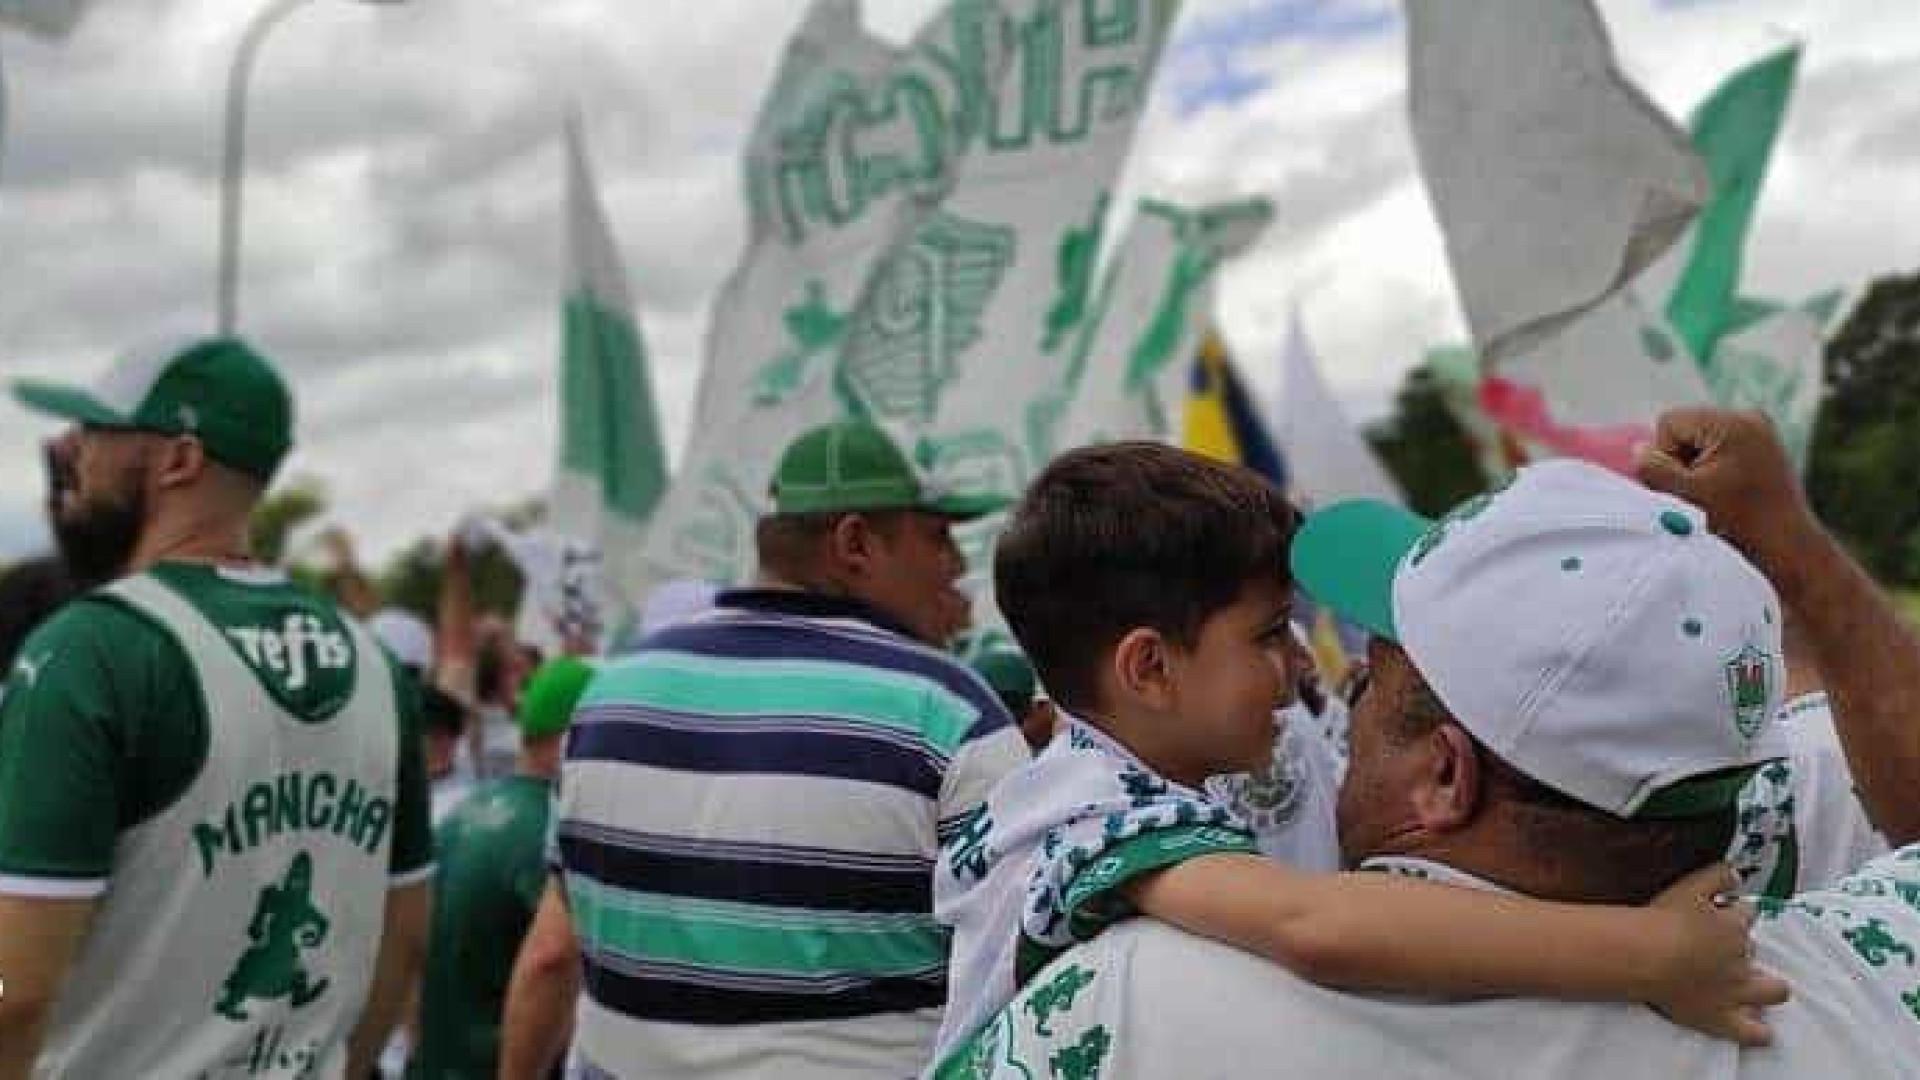 Torcida do Palmeiras vai a aeroporto dar apoio antes de viagem à Argentina